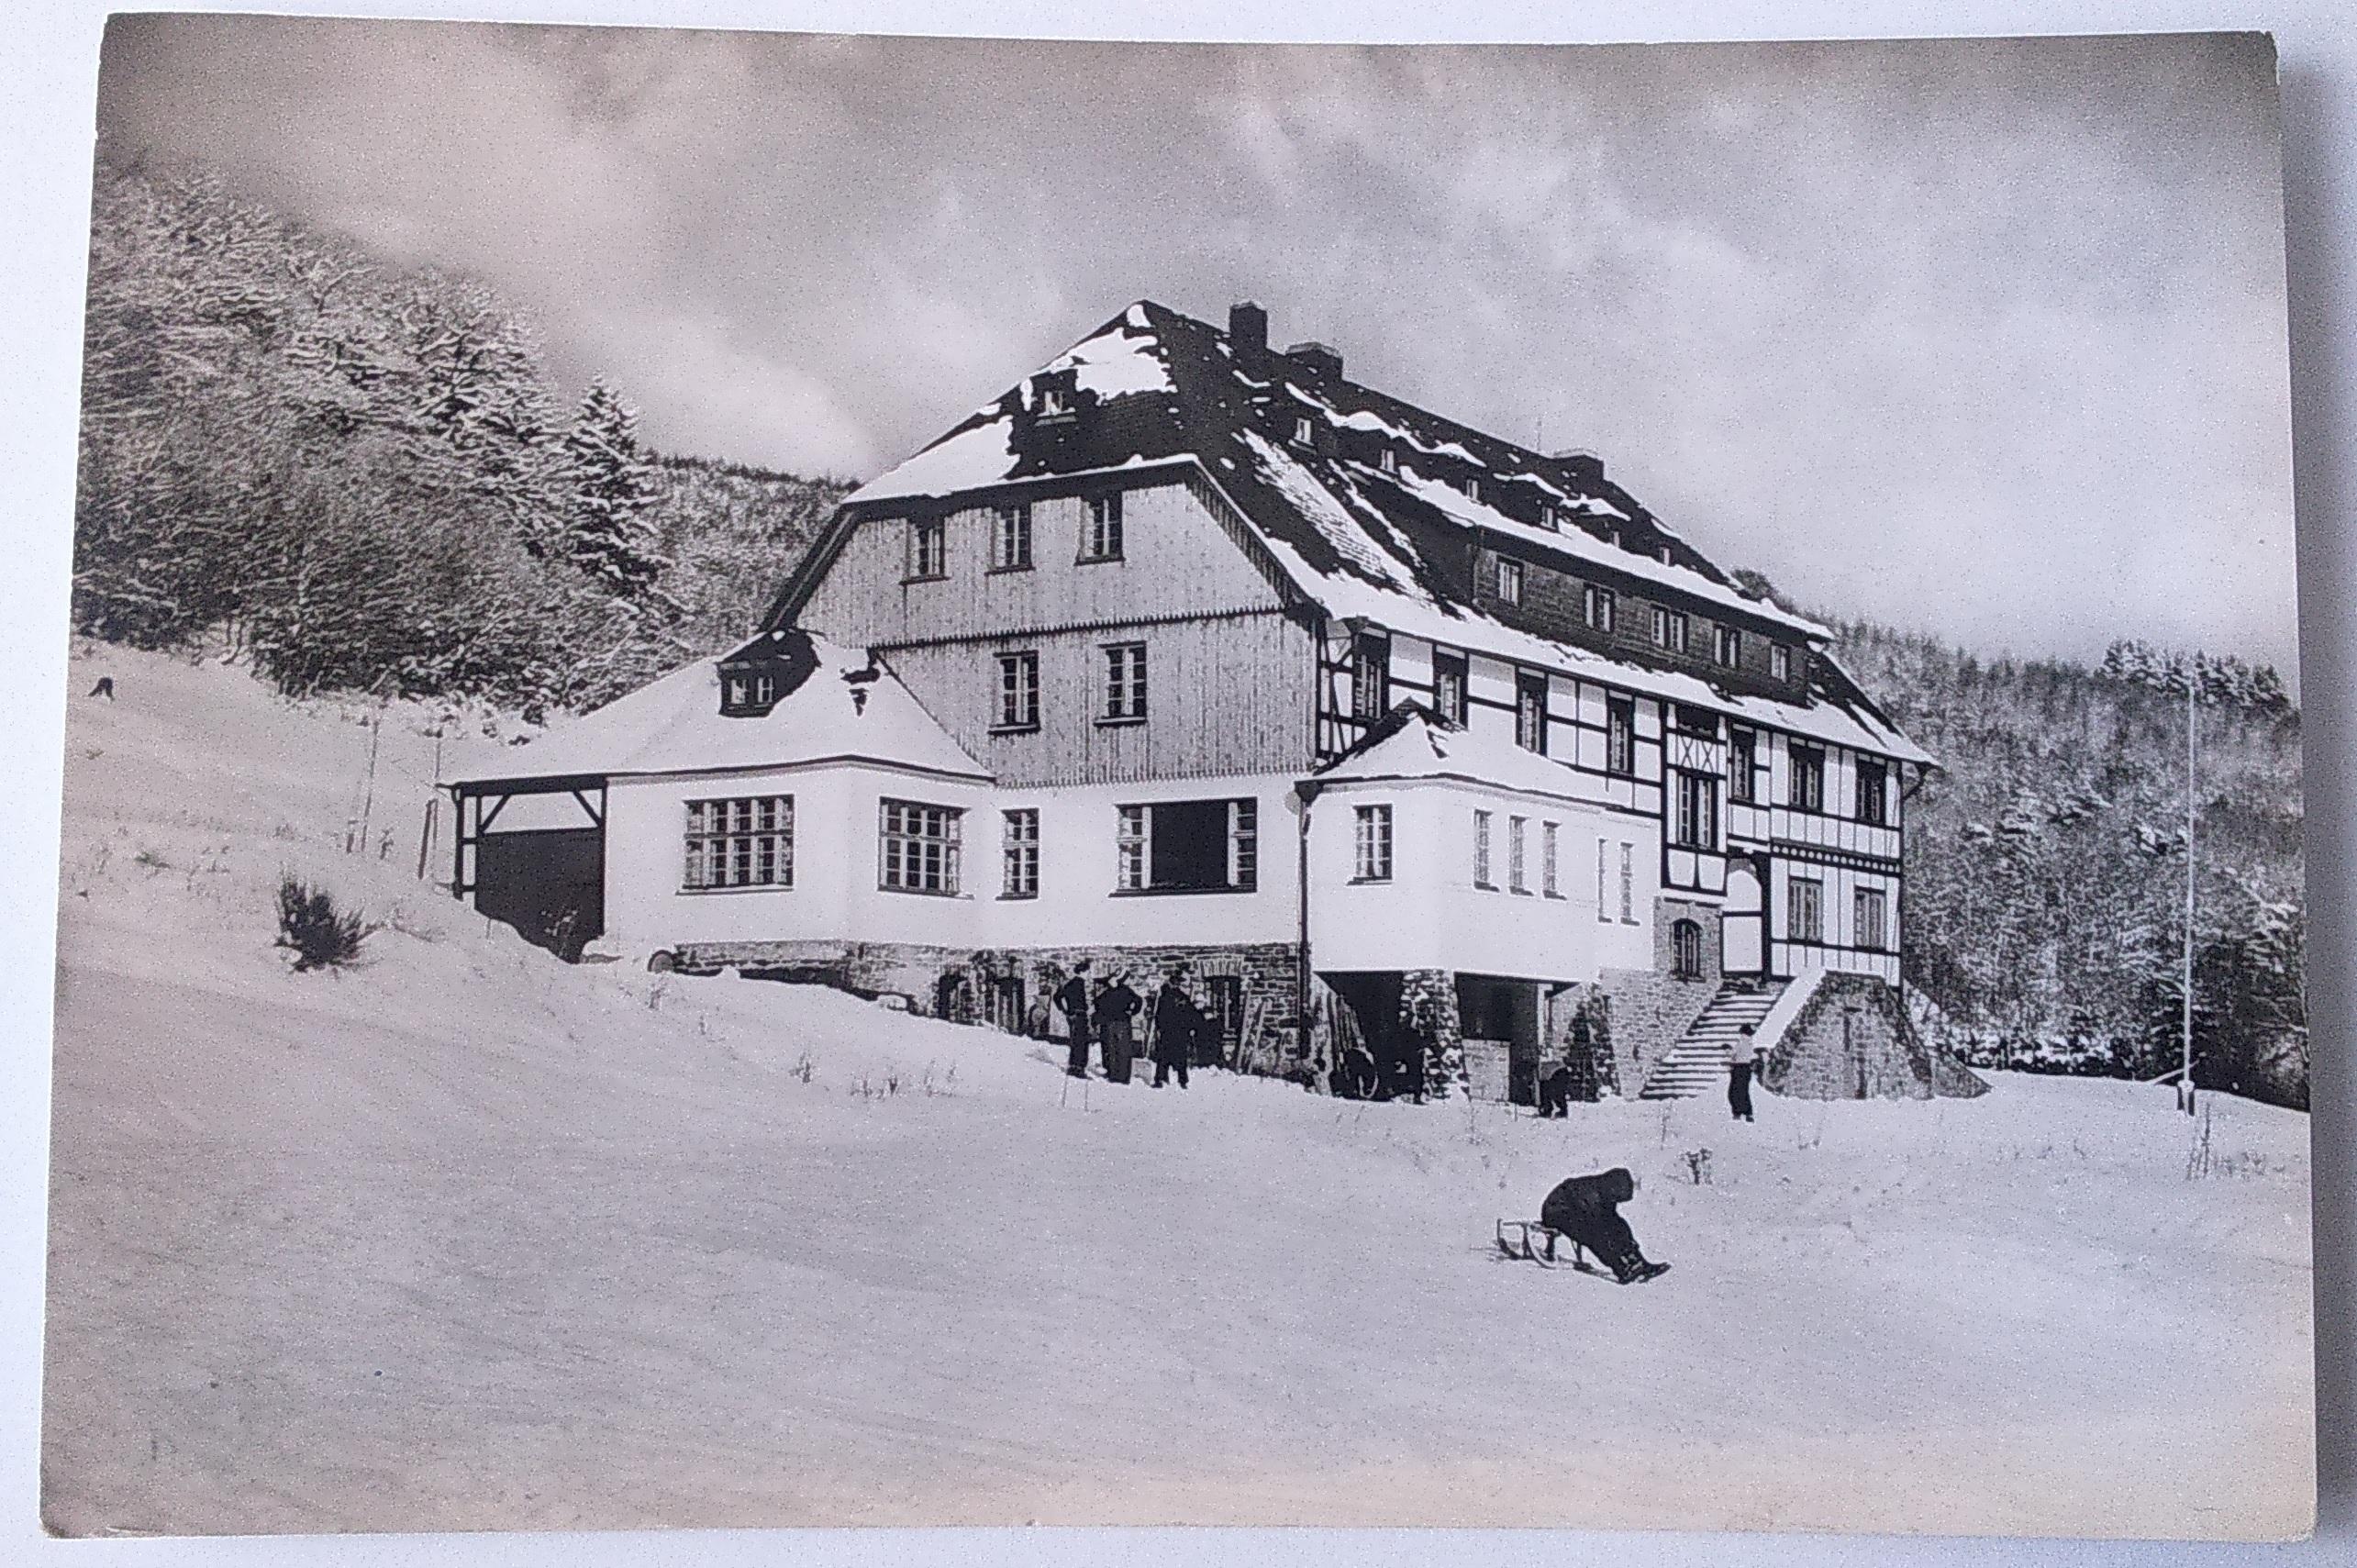 Jugendherberge Hellenthal Eifel (05.01.1968) front